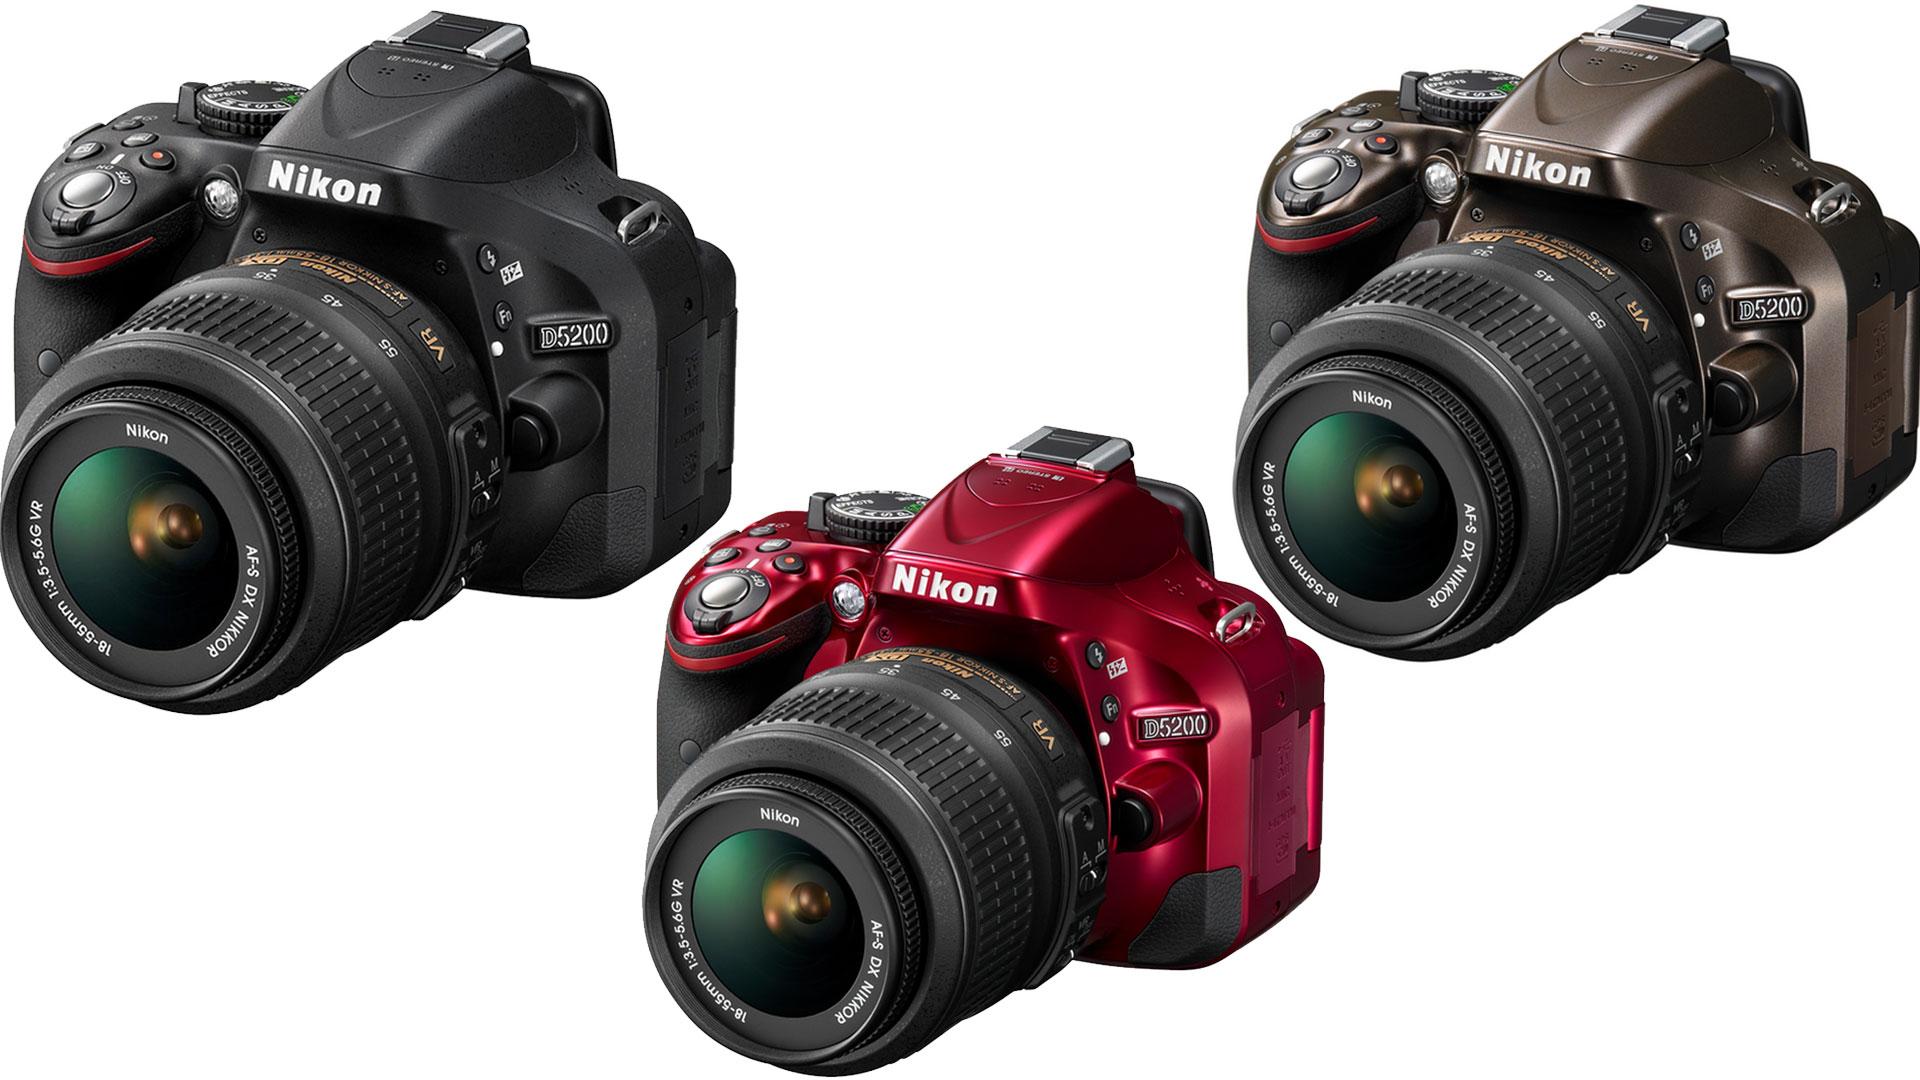 La Nikon D5200 nelle sue colorazioni - Reflex Nikon